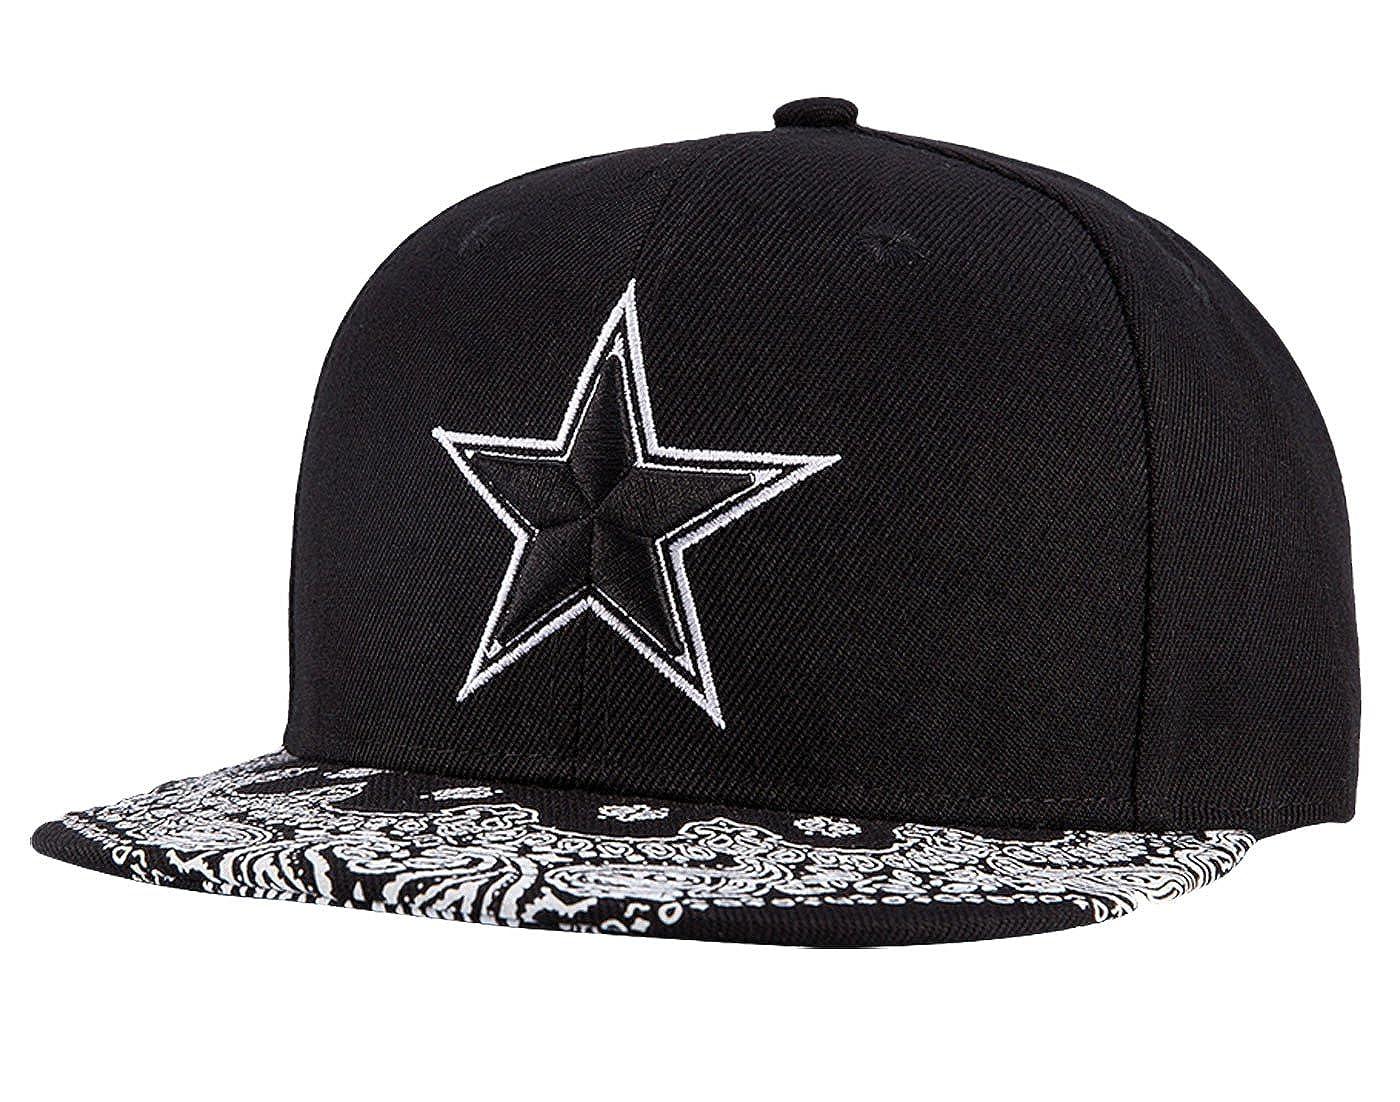 ab80e246af59c Wuke Sombrero Clásico Gorra de Beisbol Hombre con Estrella Bordado  Protectora de Sol Plano Negro  Amazon.es  Ropa y accesorios